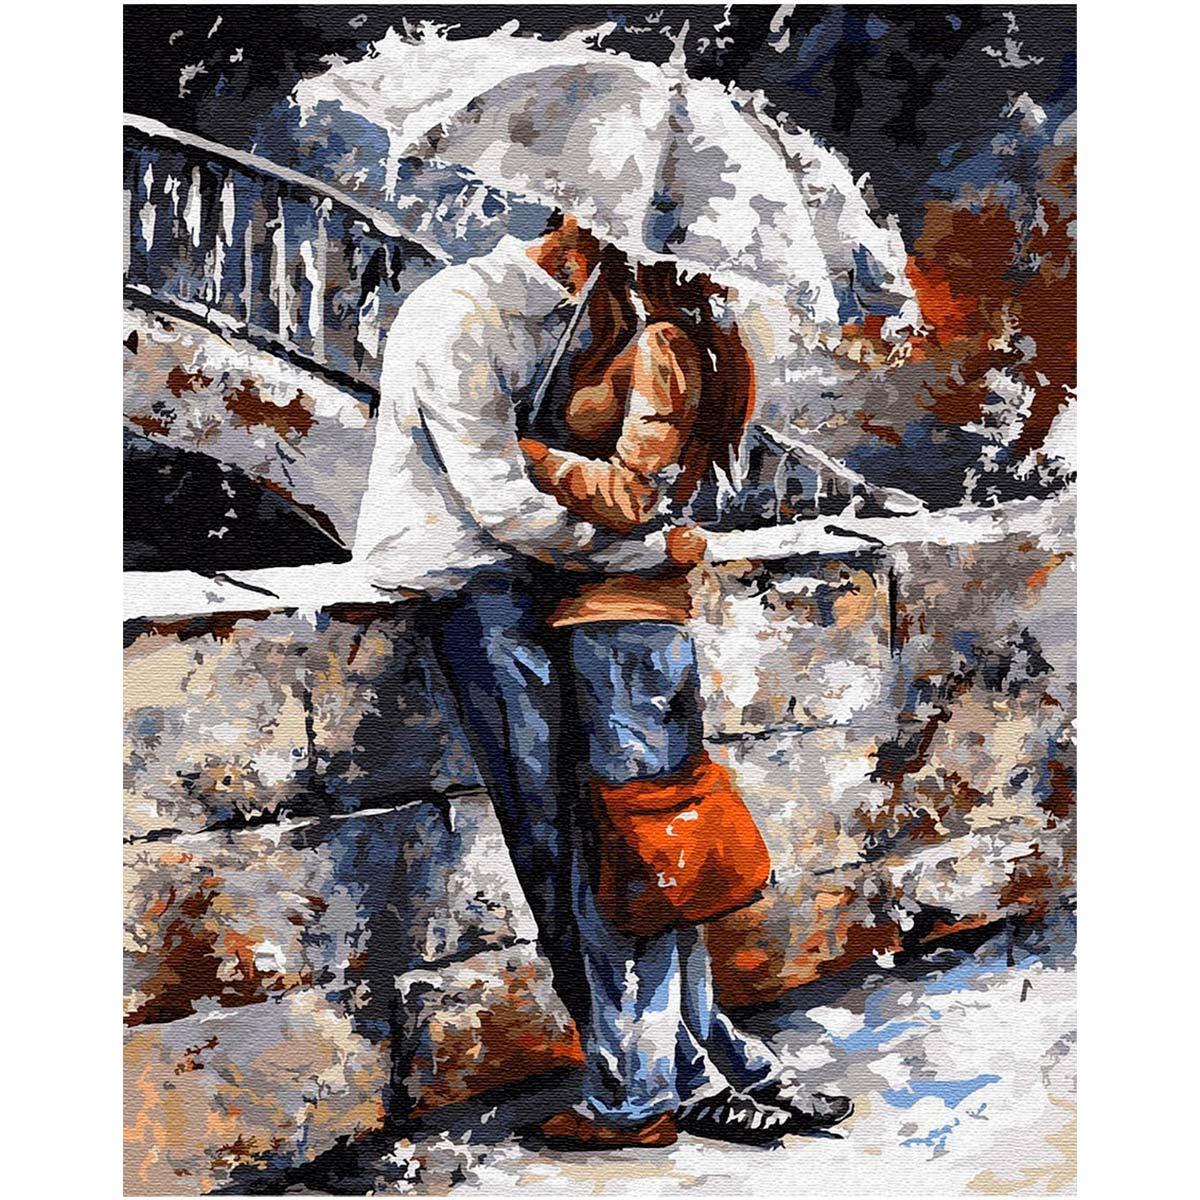 Ag 833 Набор д/изготовления картин со стразами 'Романтическая прогулка под дождем' 38*48см Гранни